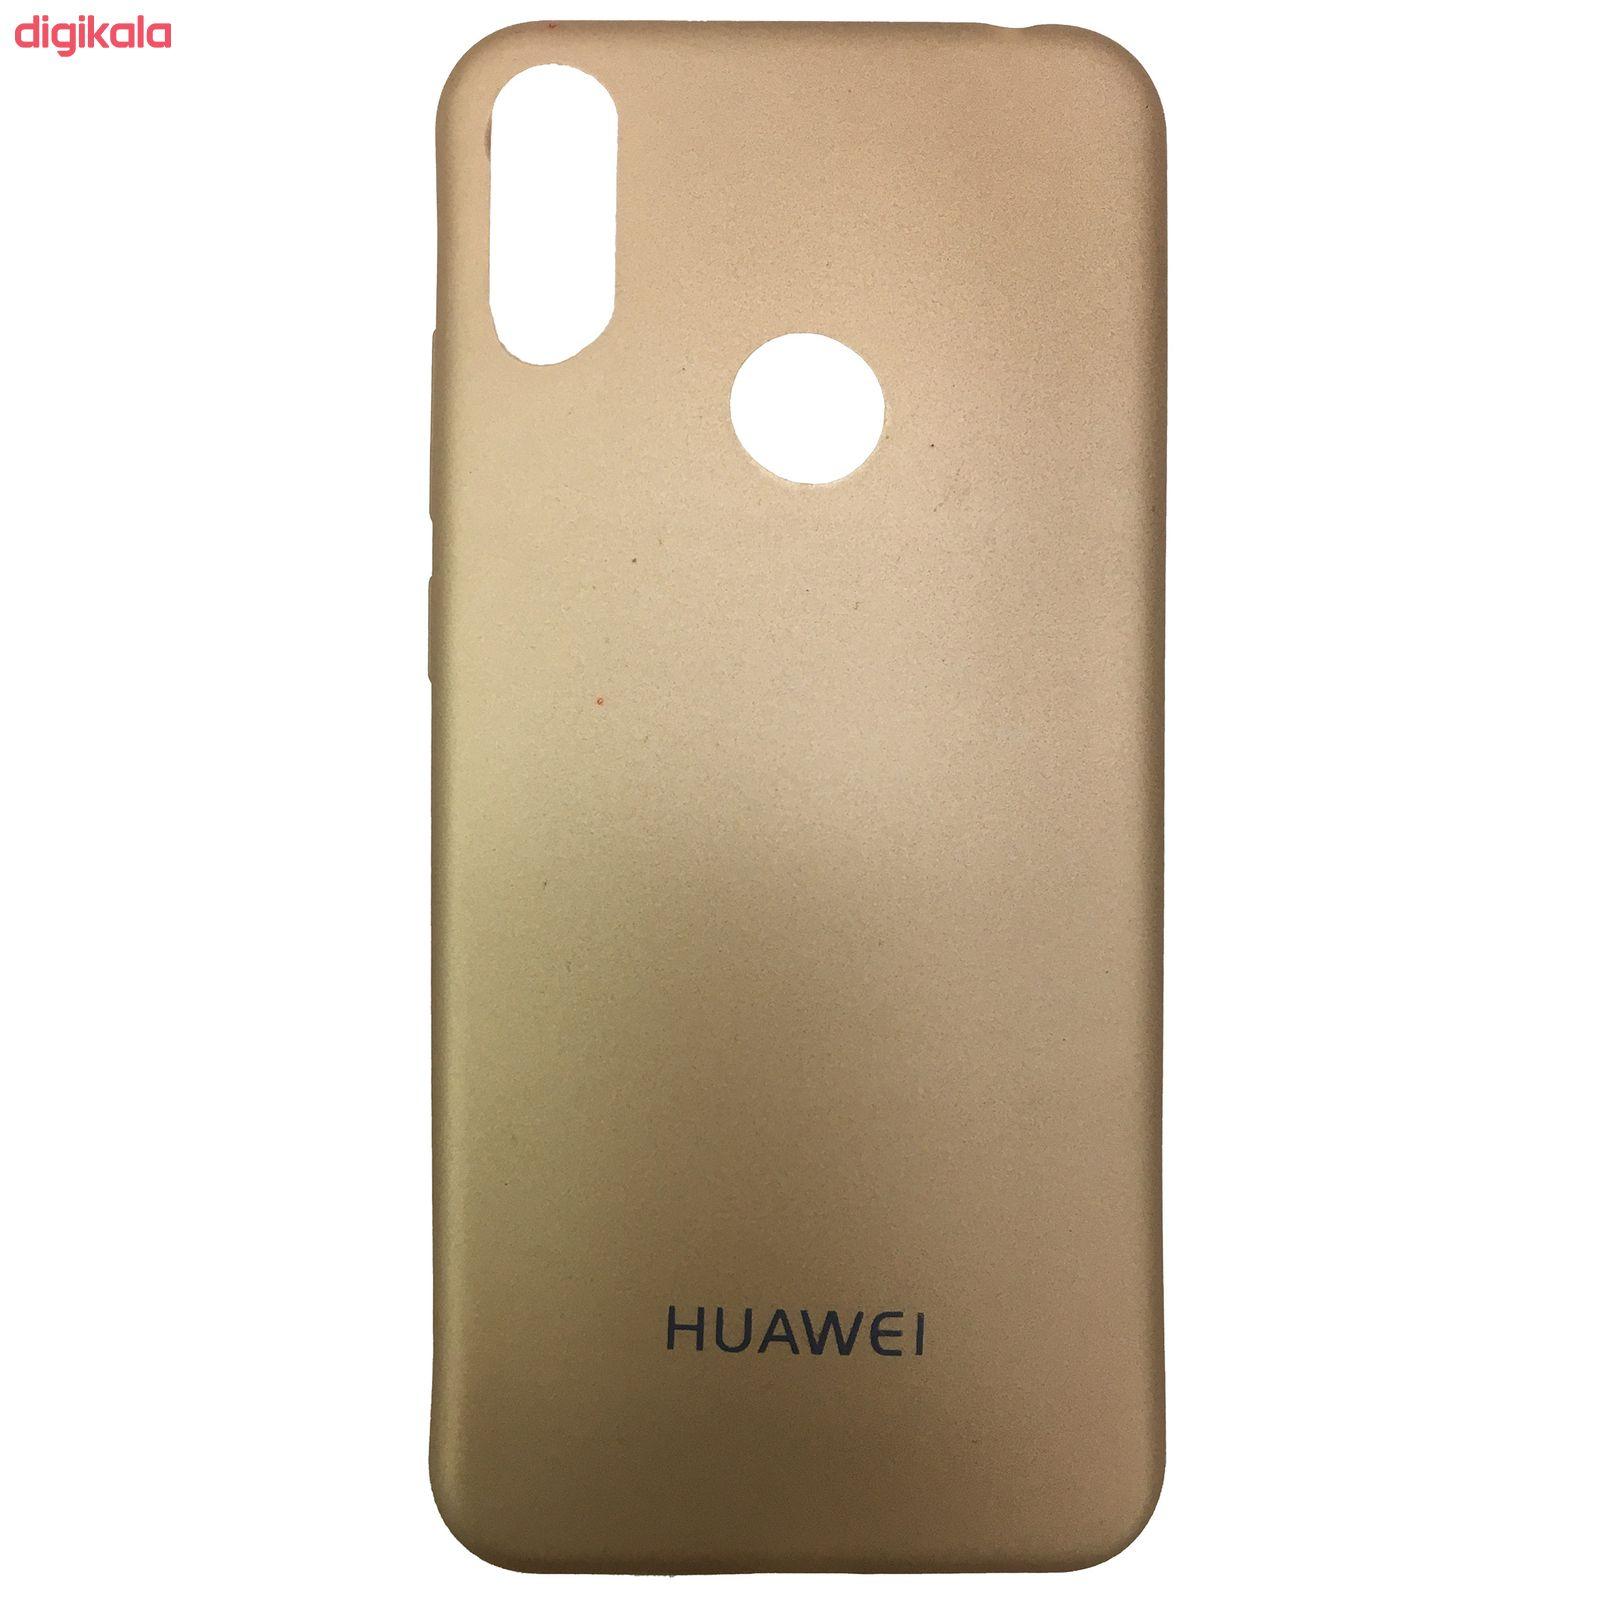 کاور مدل H8A مناسب برای گوشی موبایل هوآوی Y6 Prime 2019/ آنر8A main 1 2